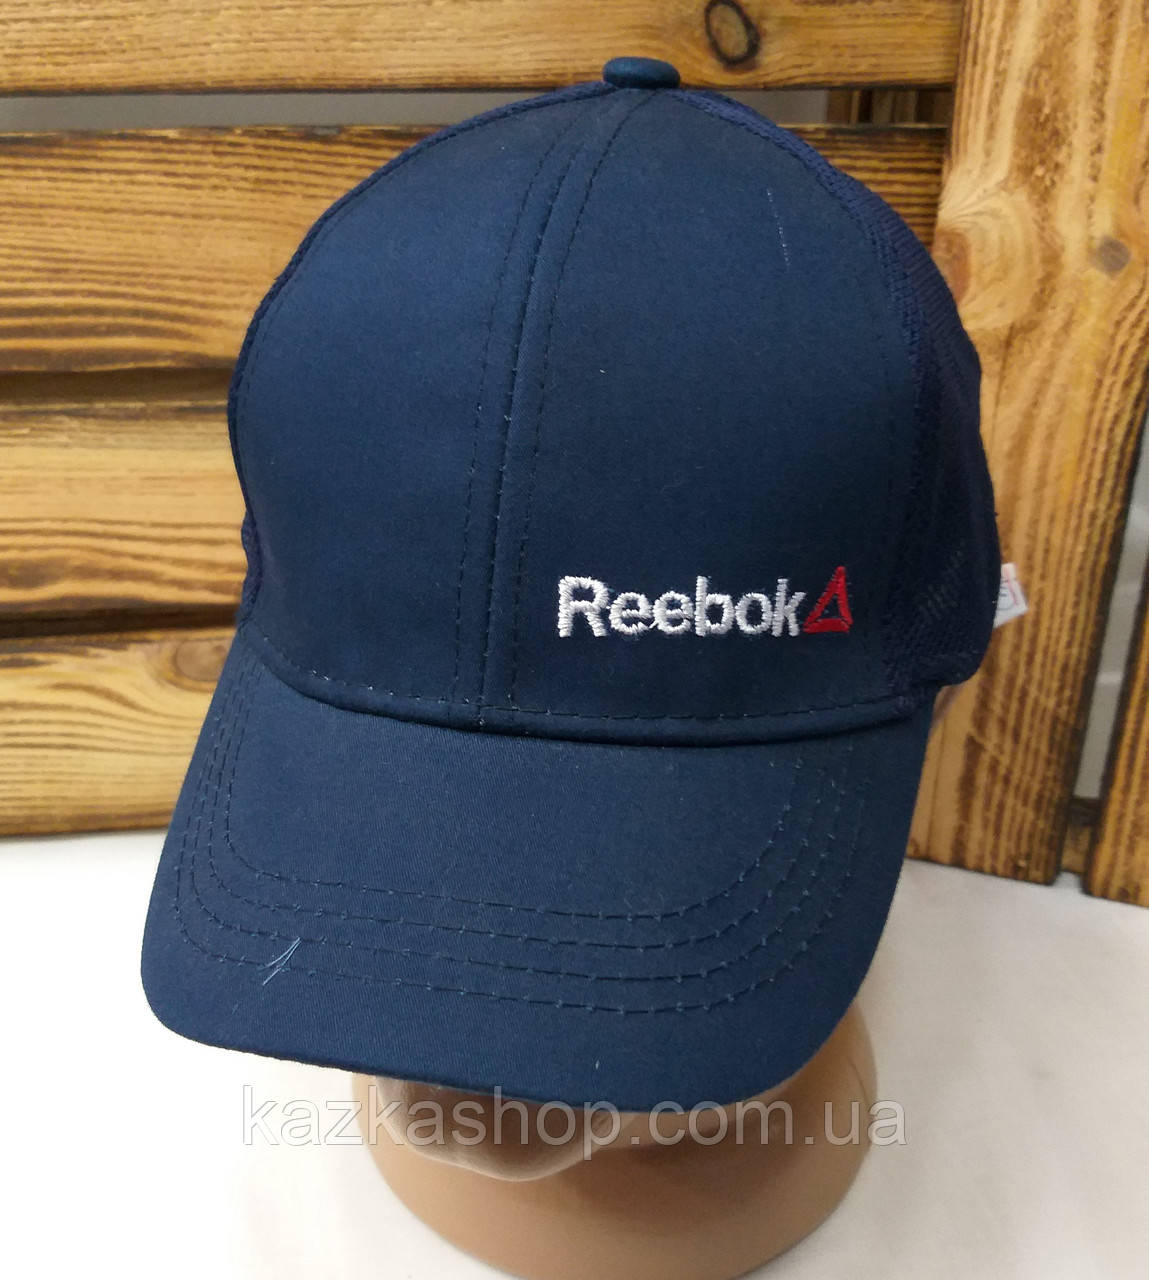 Подростковая стильная кепка с вышивкой в стиле Reebok (реплика), сзади сетка, 52-54 размер, с регулятором